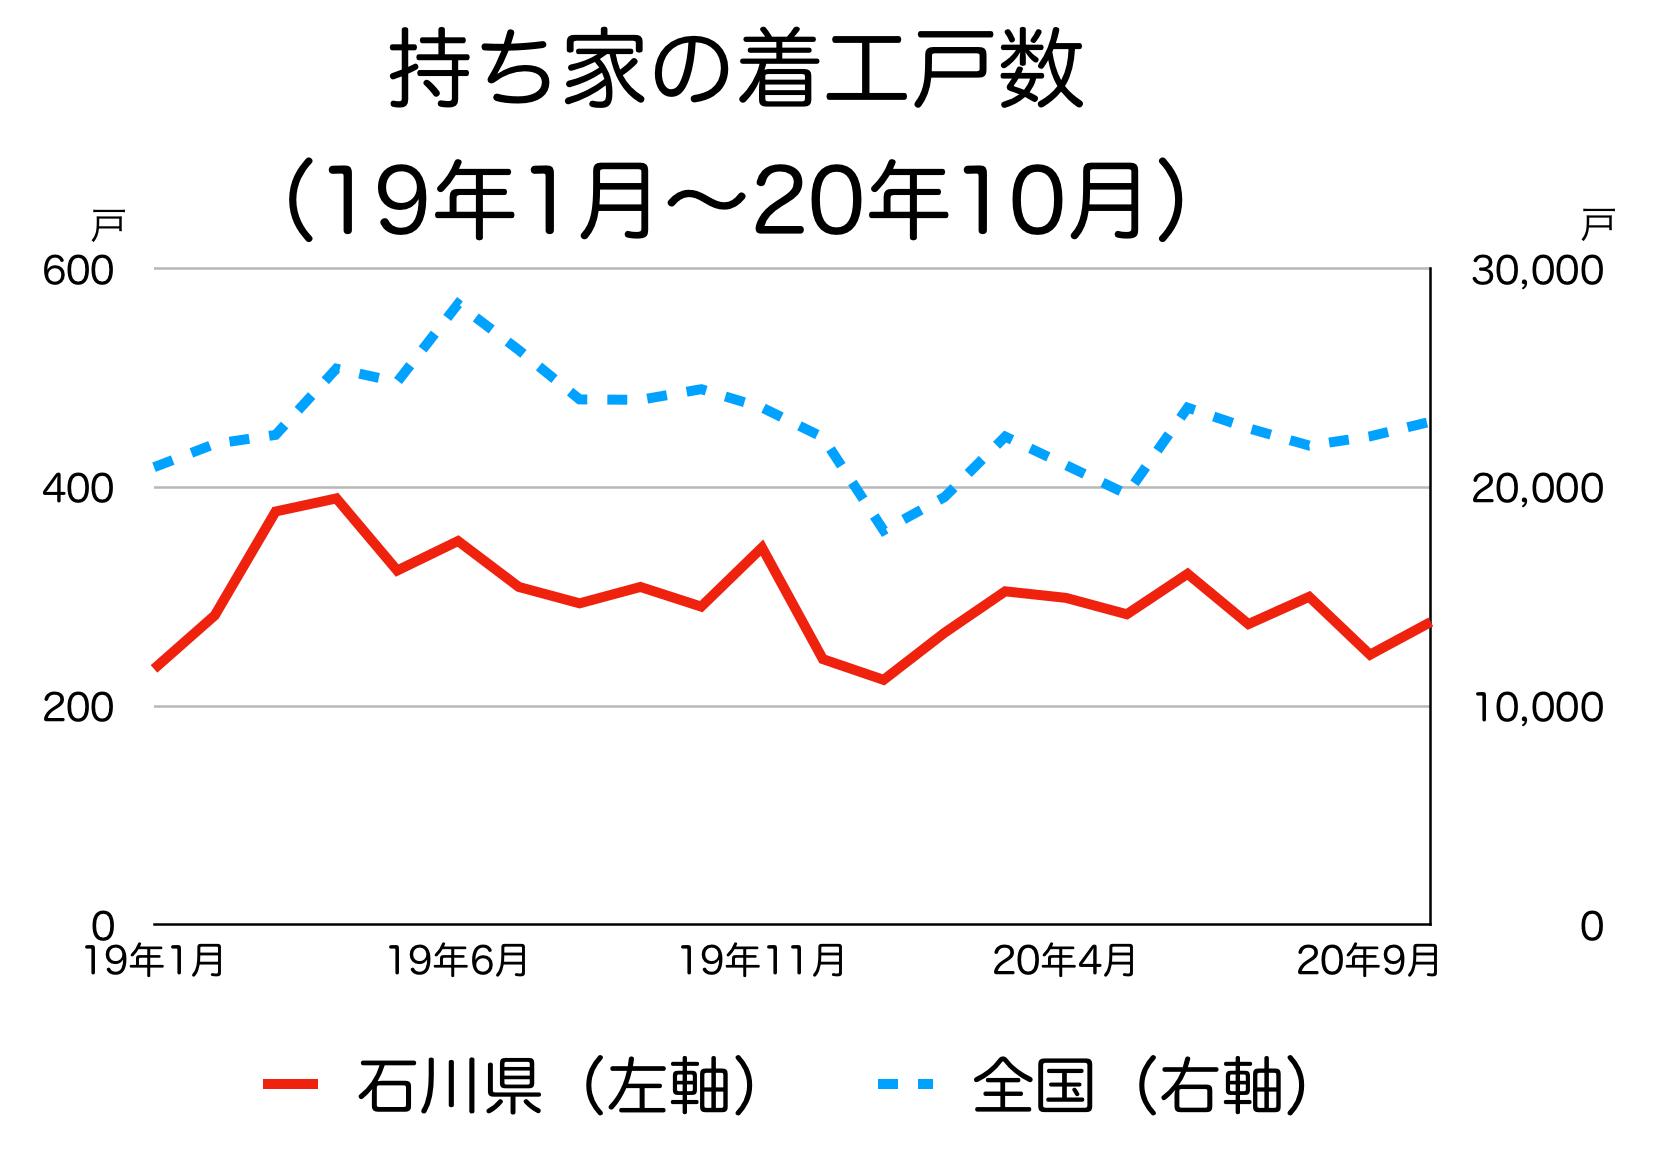 石川県の新築着工統計